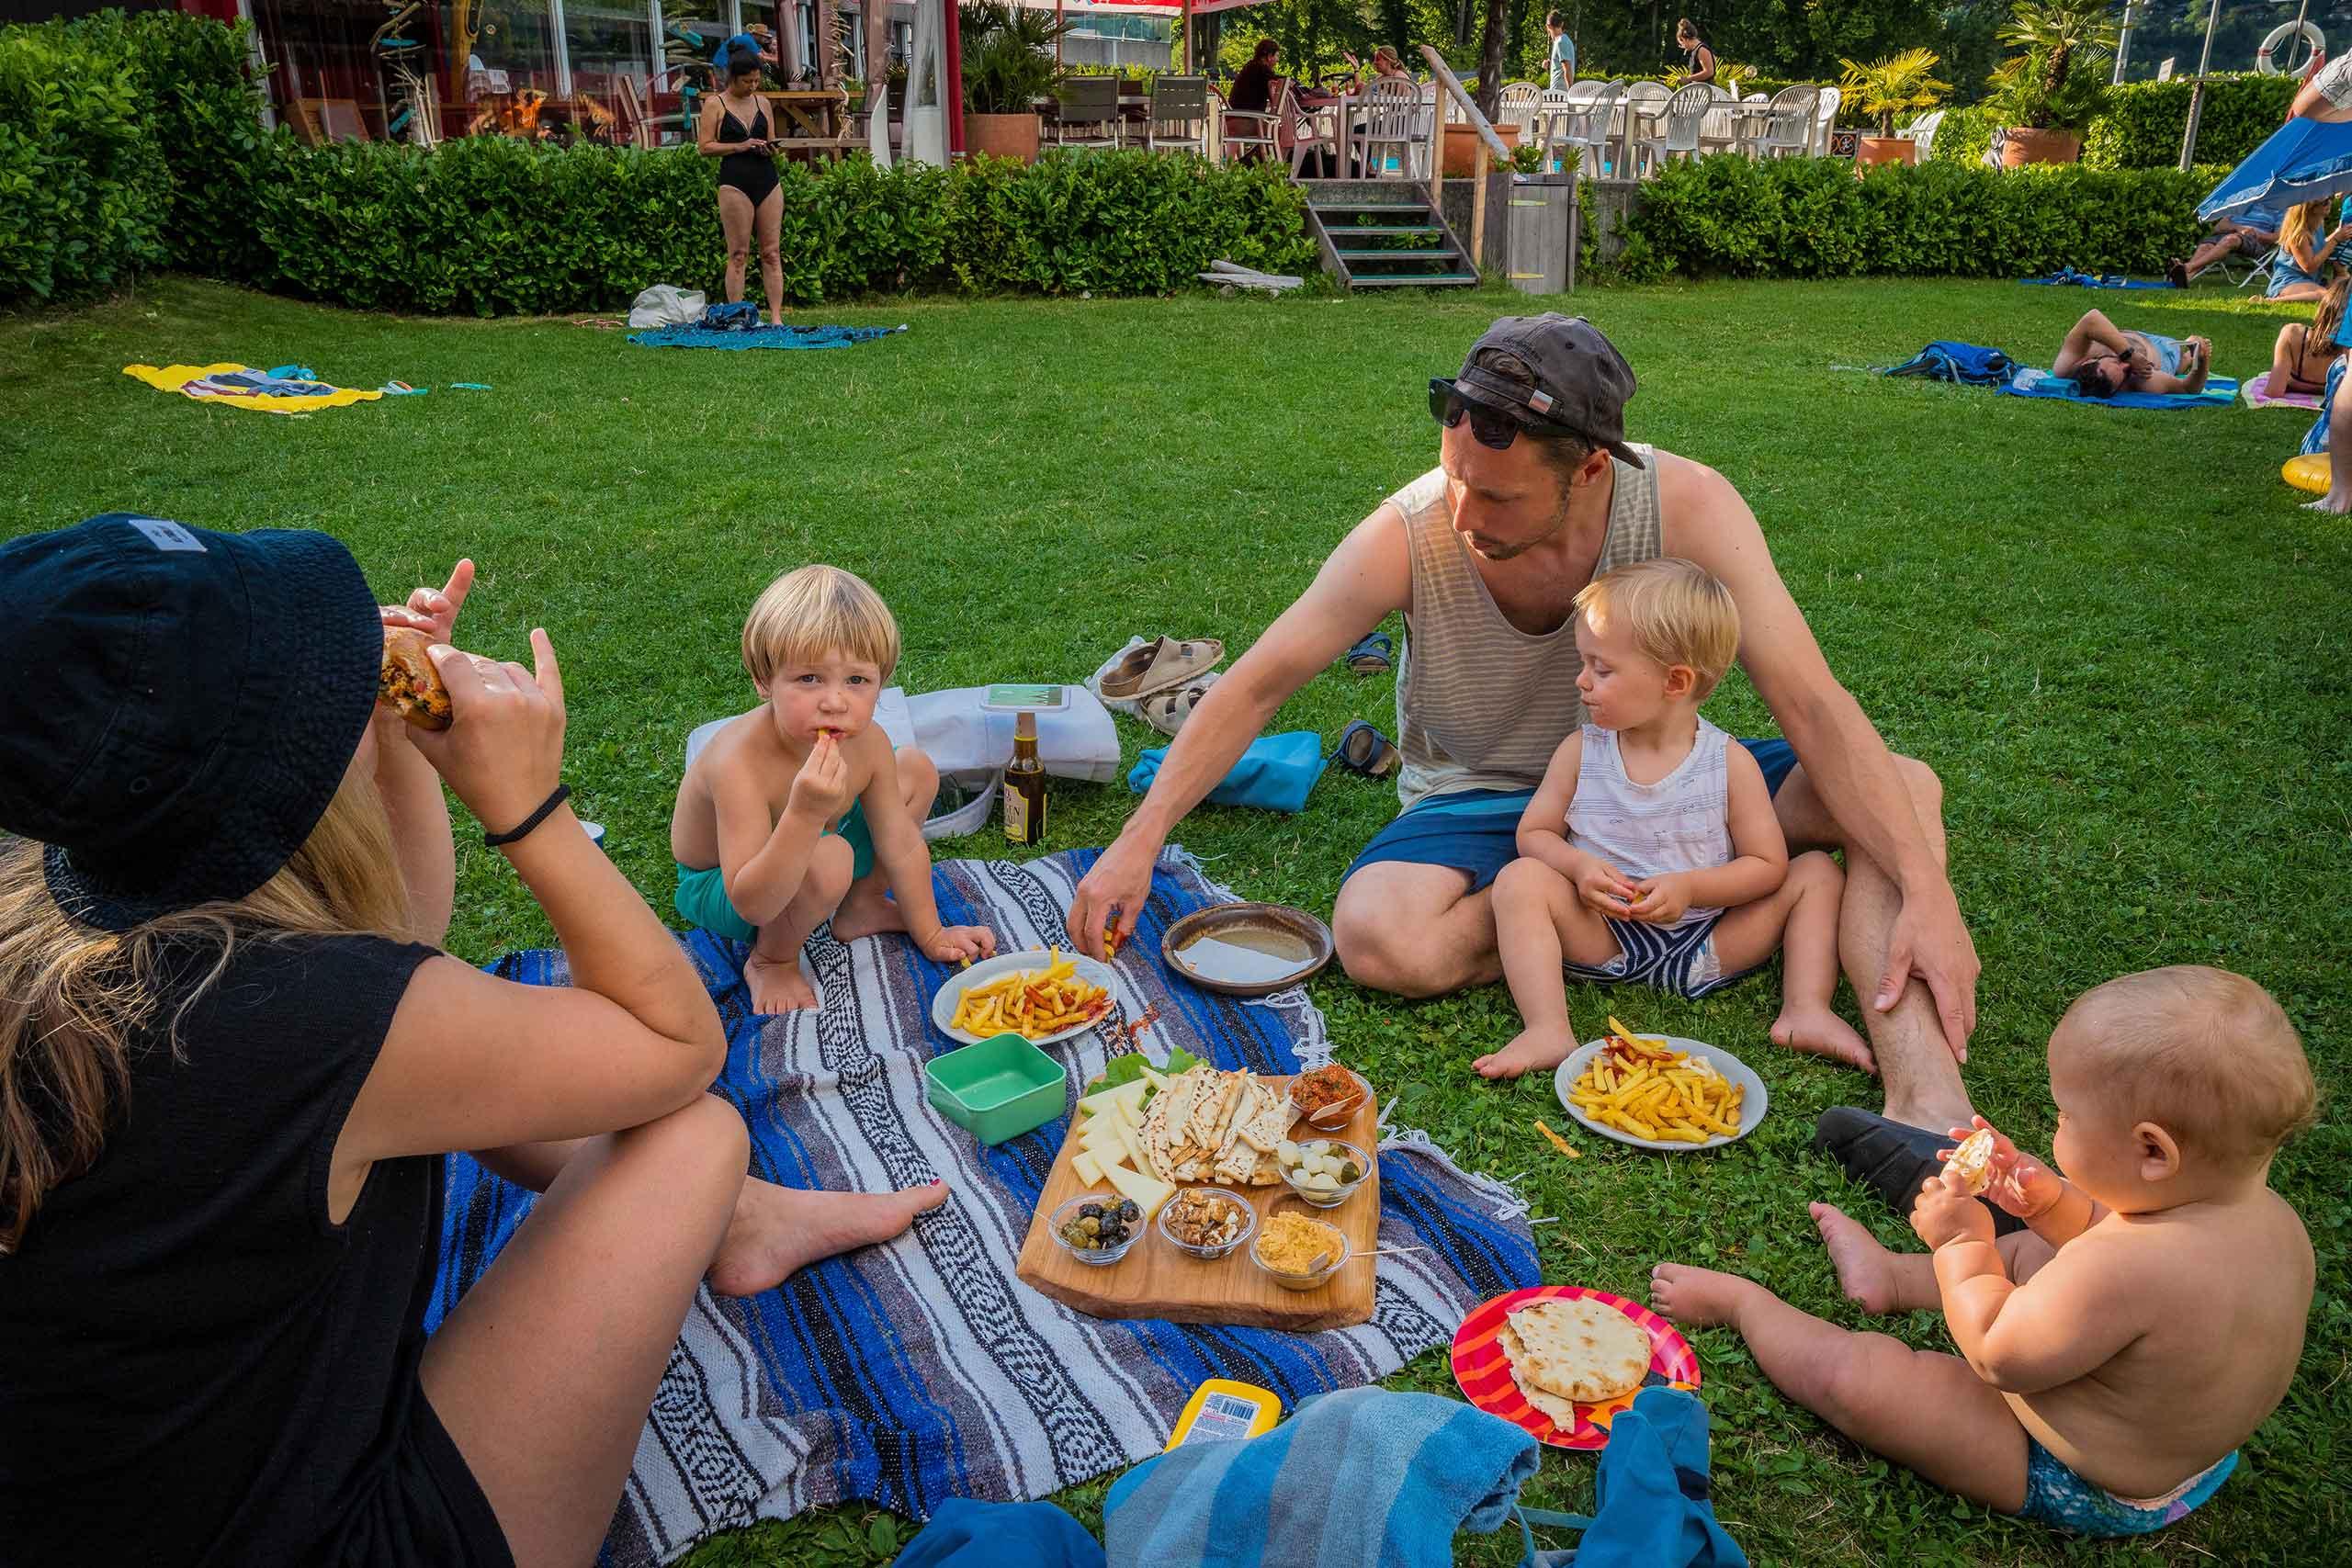 the-beach-cafe-snack-familie-rasen-sommer.jpg